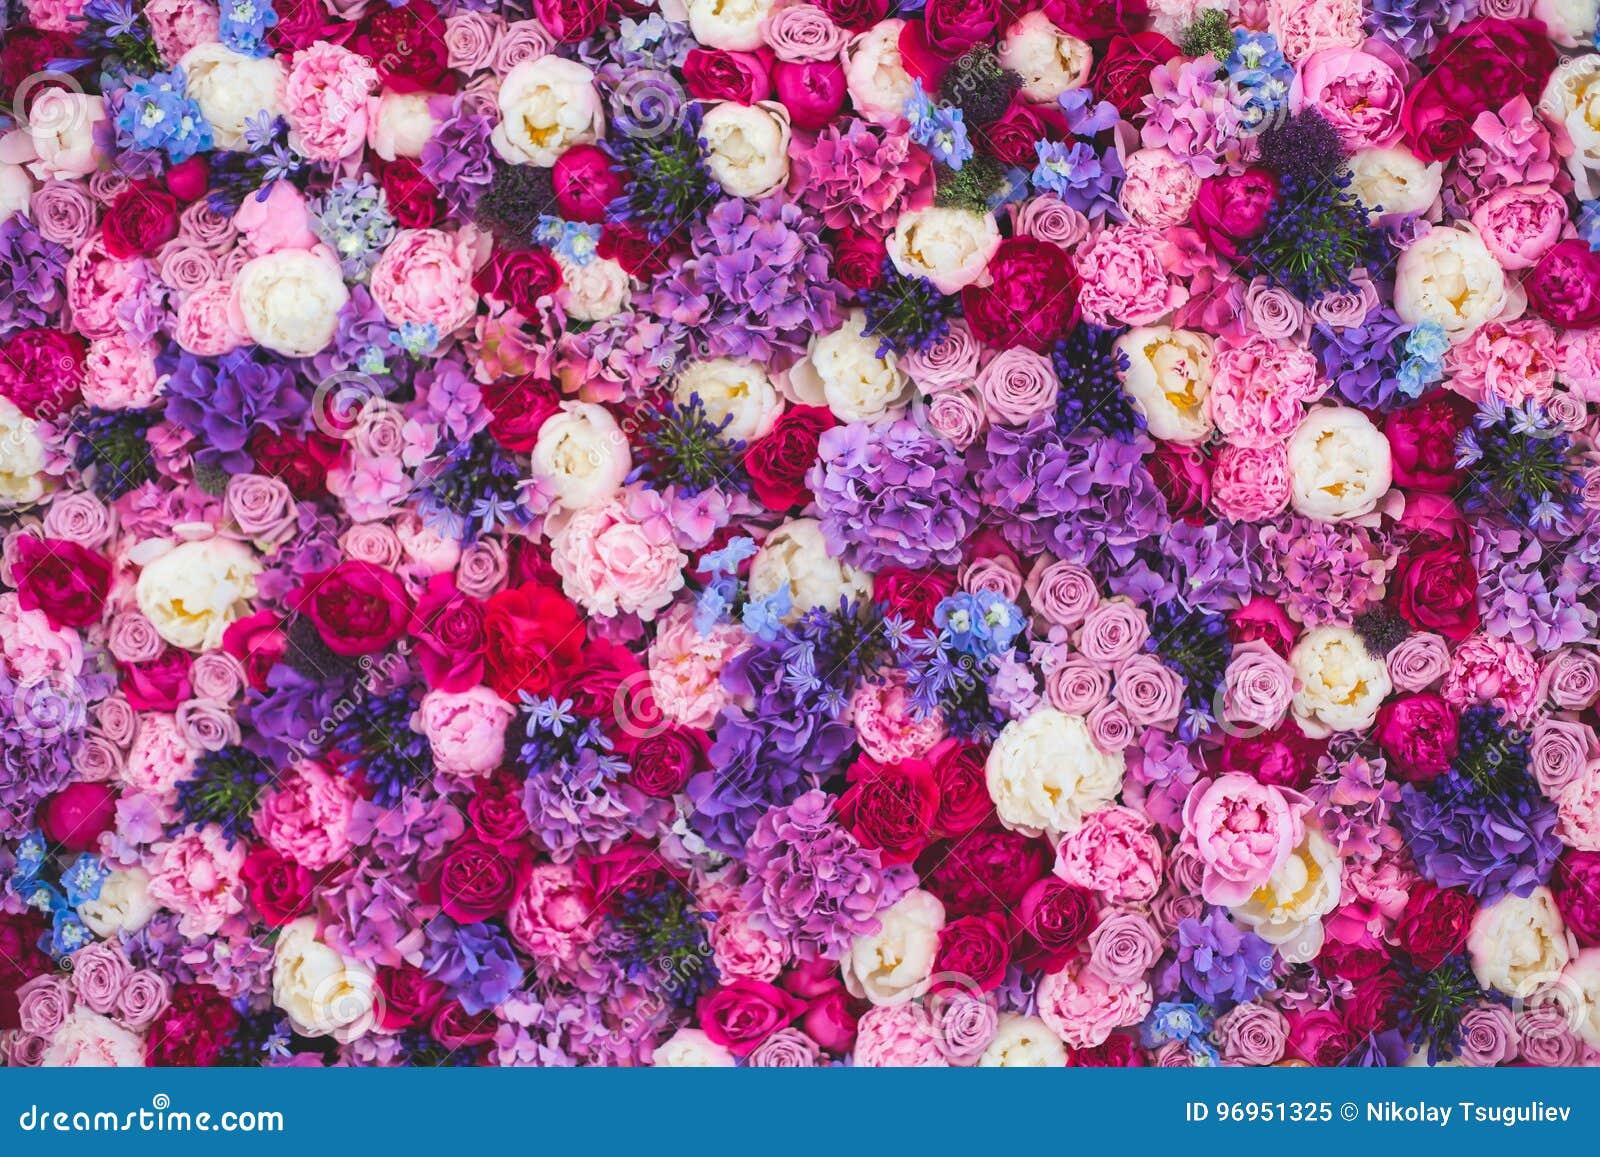 Parede bonita feita de flores roxas violetas vermelhas, rosas, tulipas, imprensa-parede, fundo